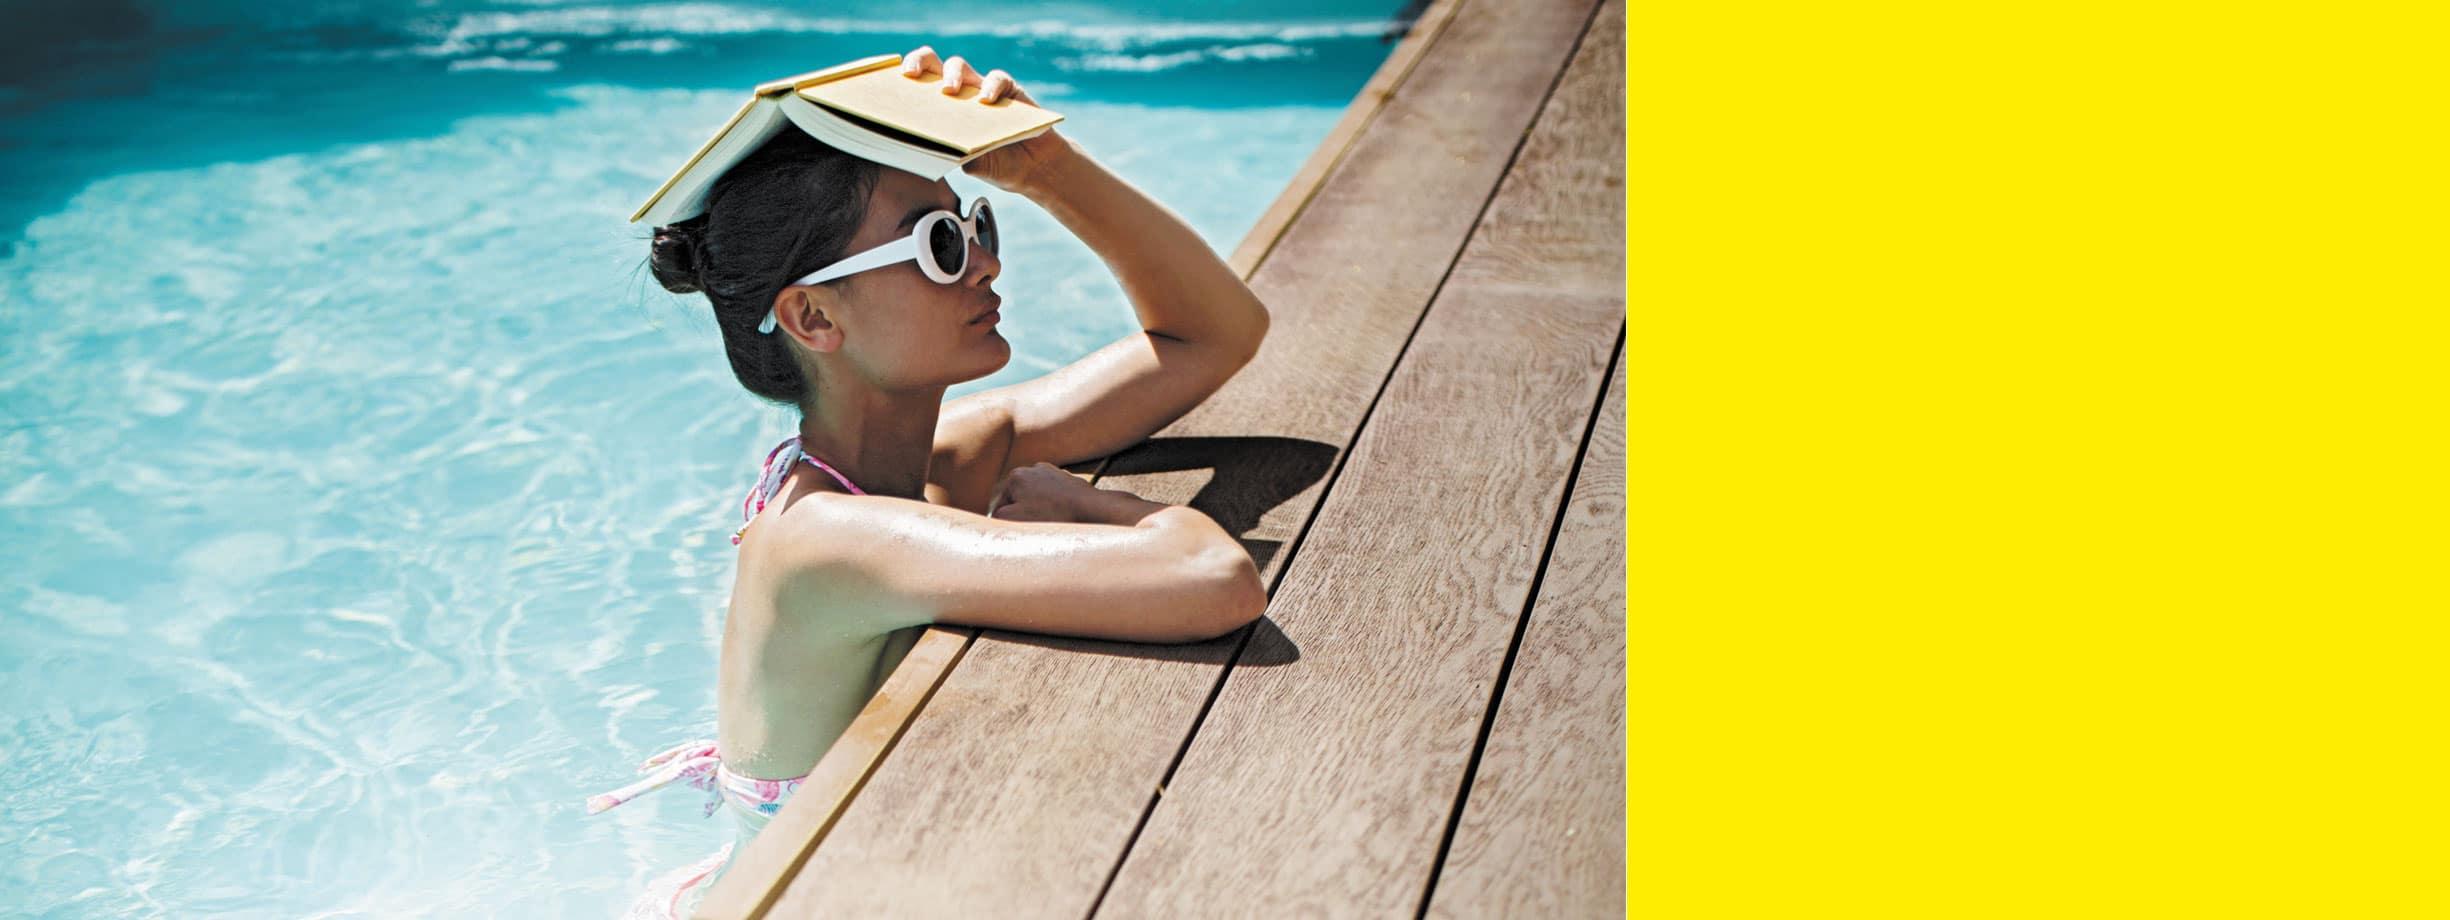 securisez-votre-bassin-bandeau-promo Points de vente – 34